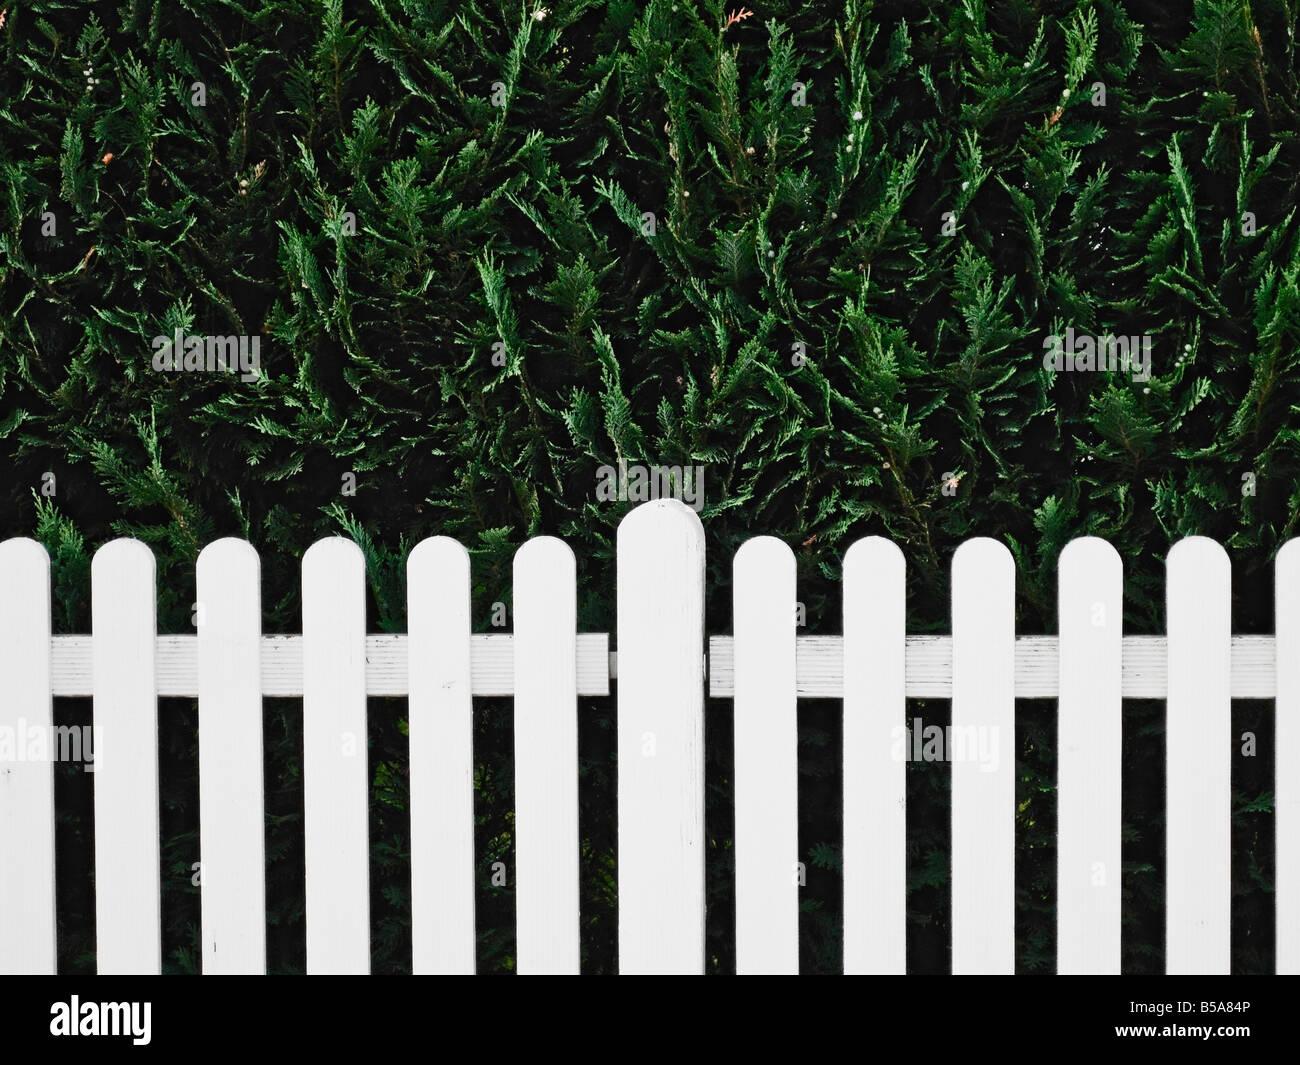 Weißer Zaun und Hecke Stockfoto Bild Alamy